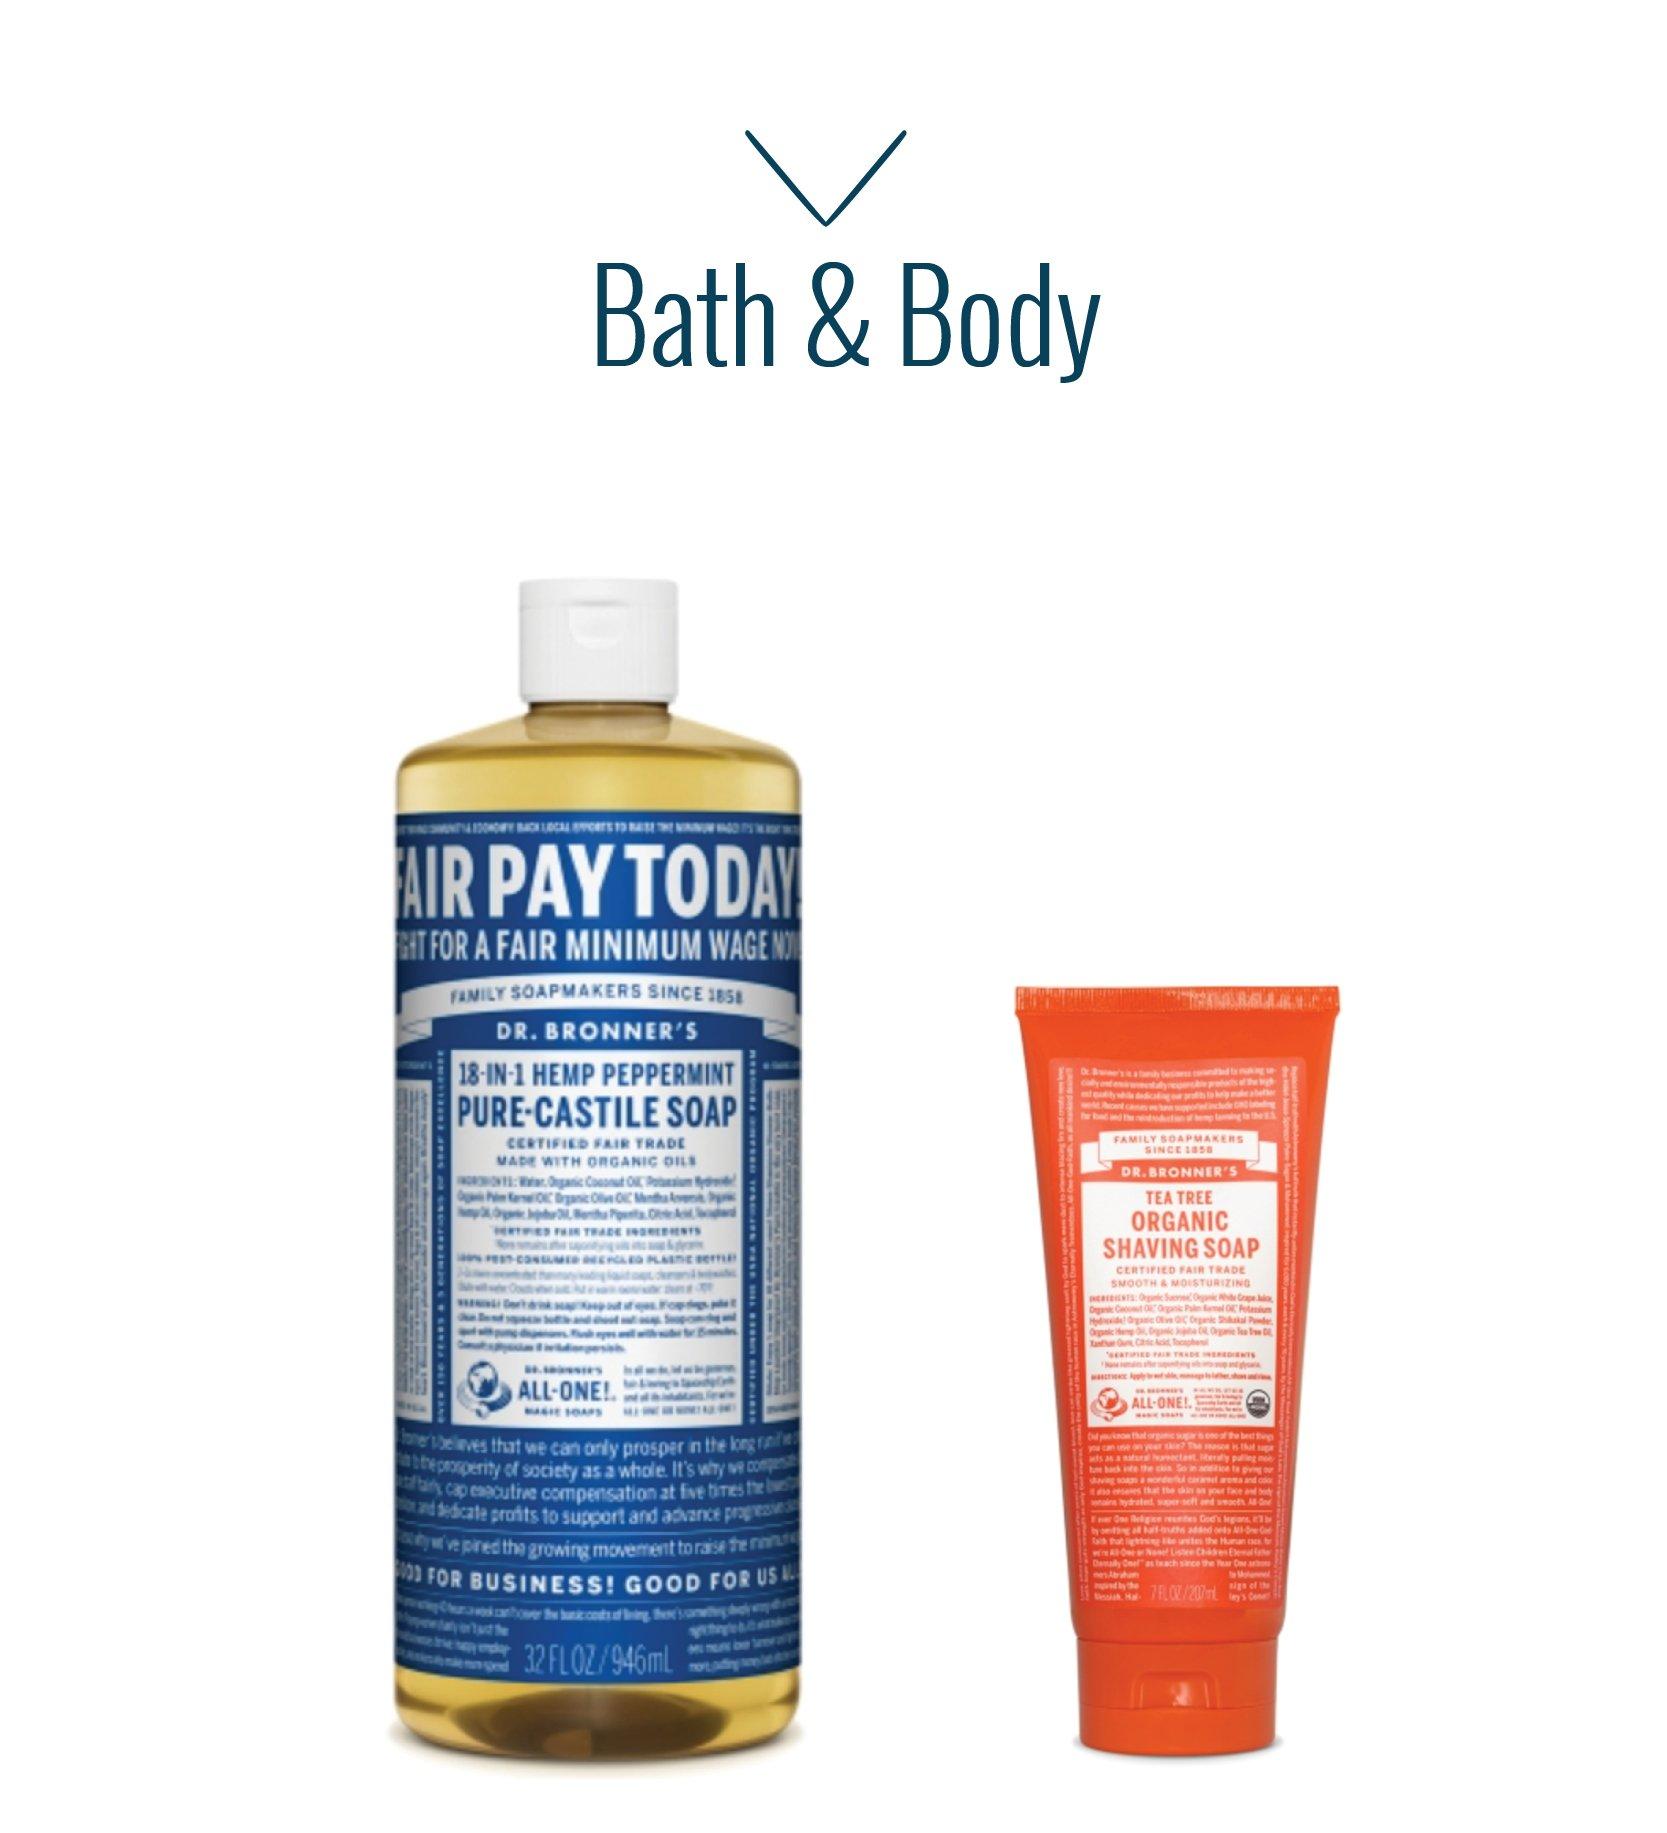 Bath & Body2